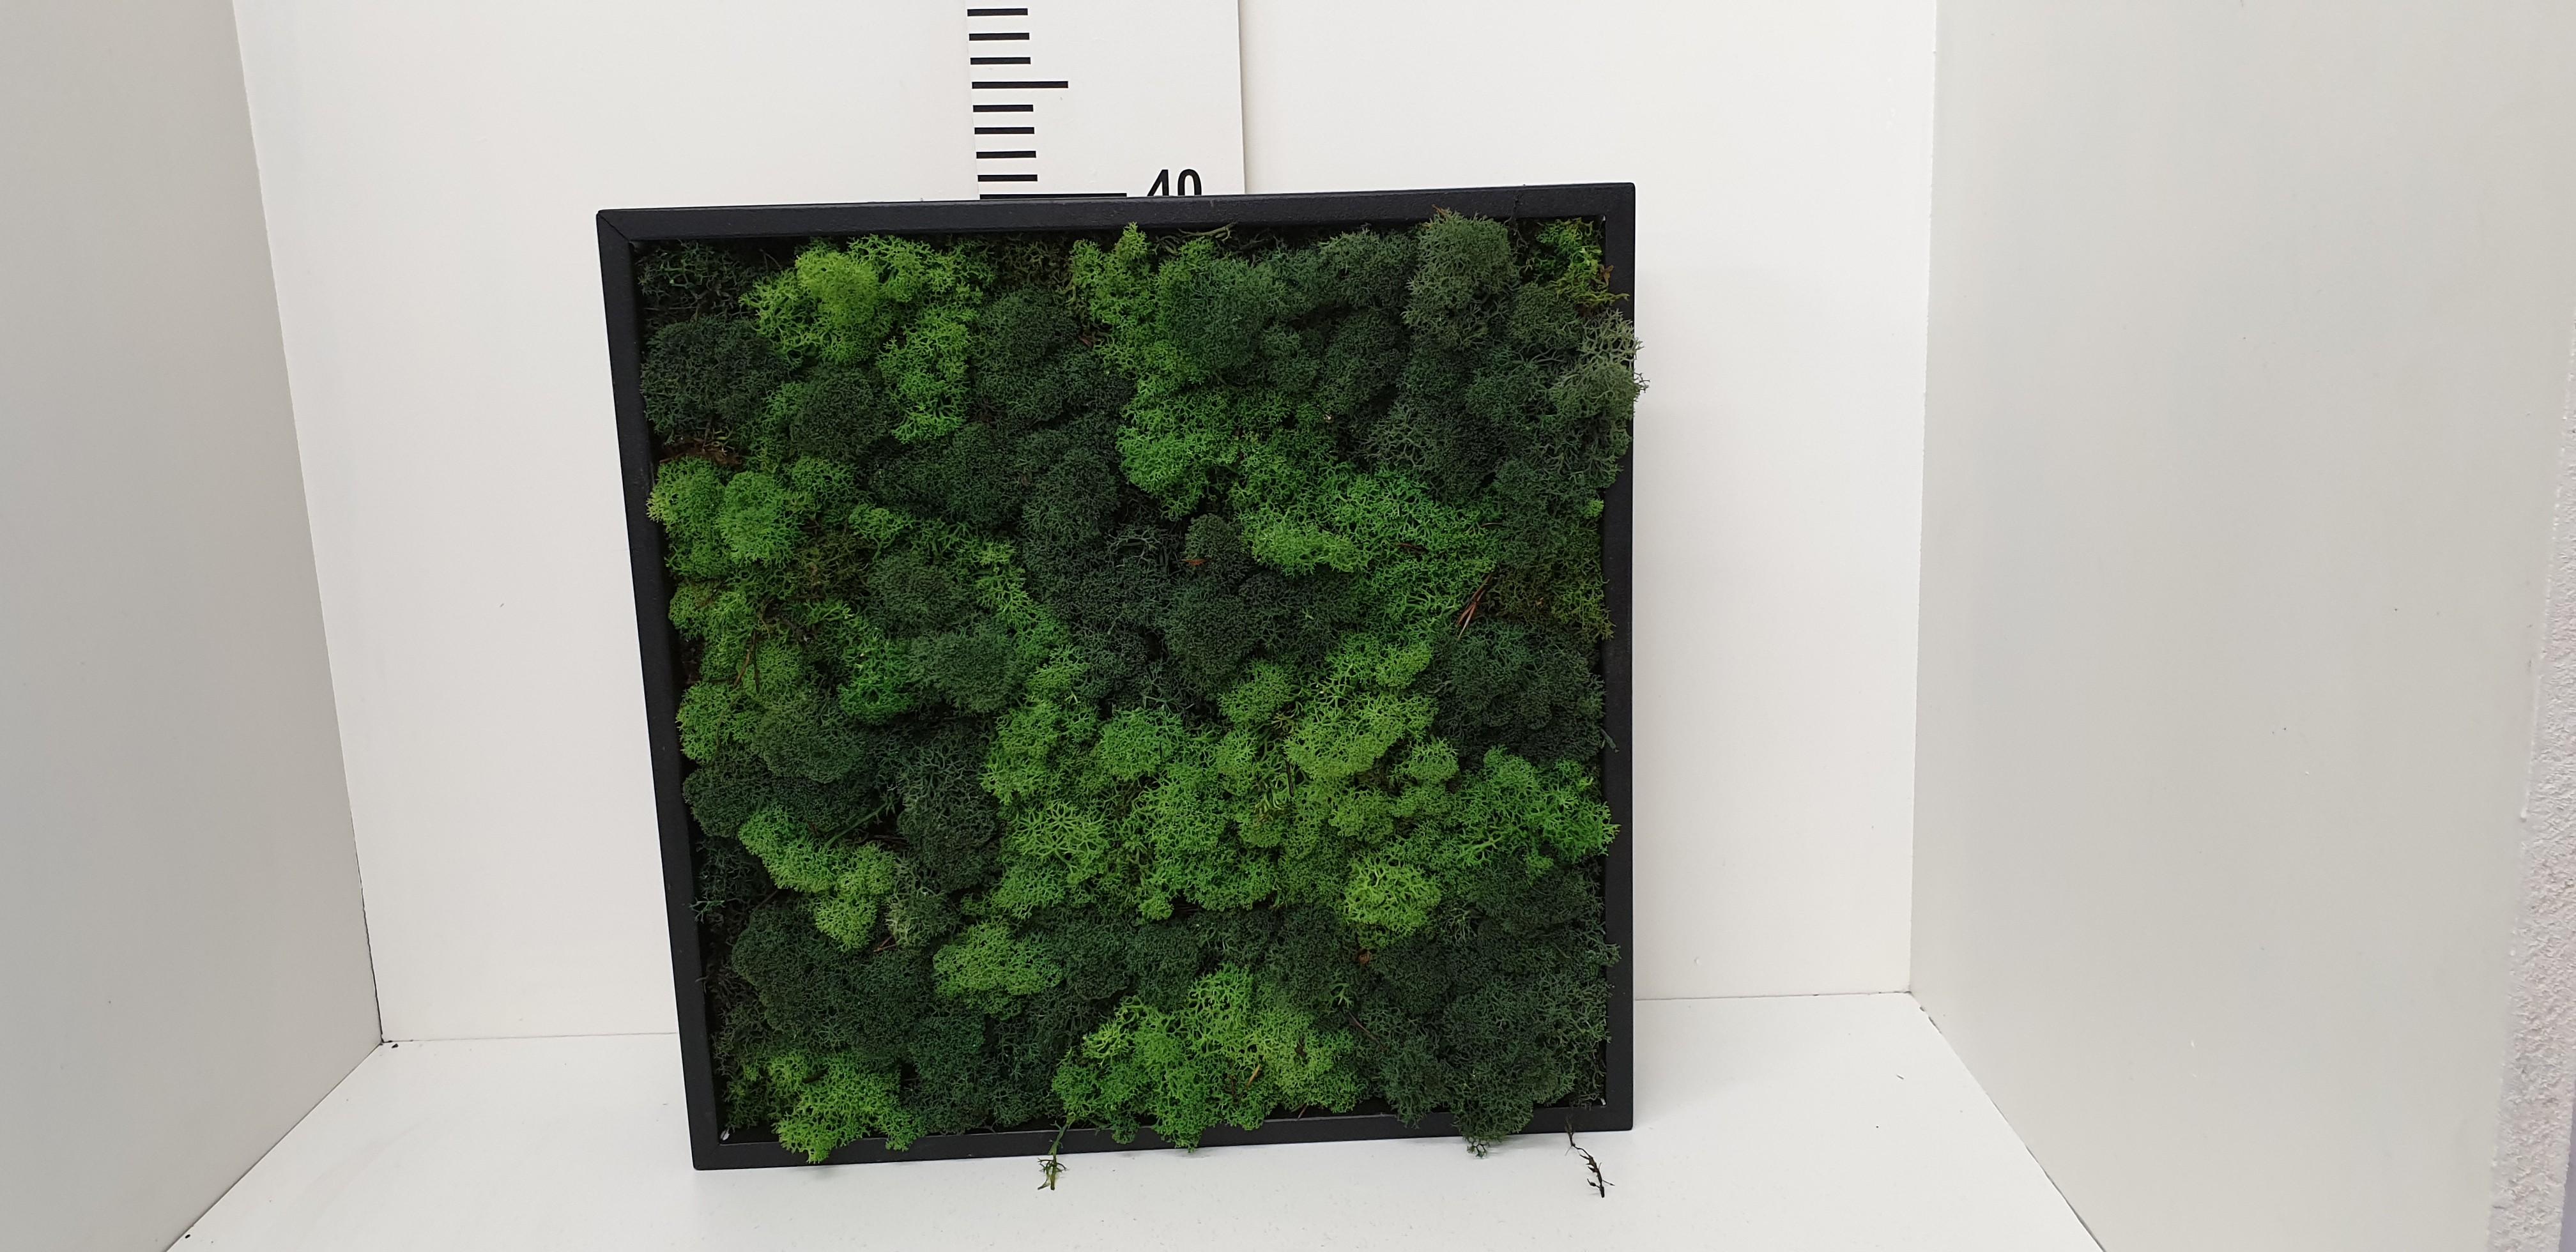 Moskader 40*40cm- black forrest green